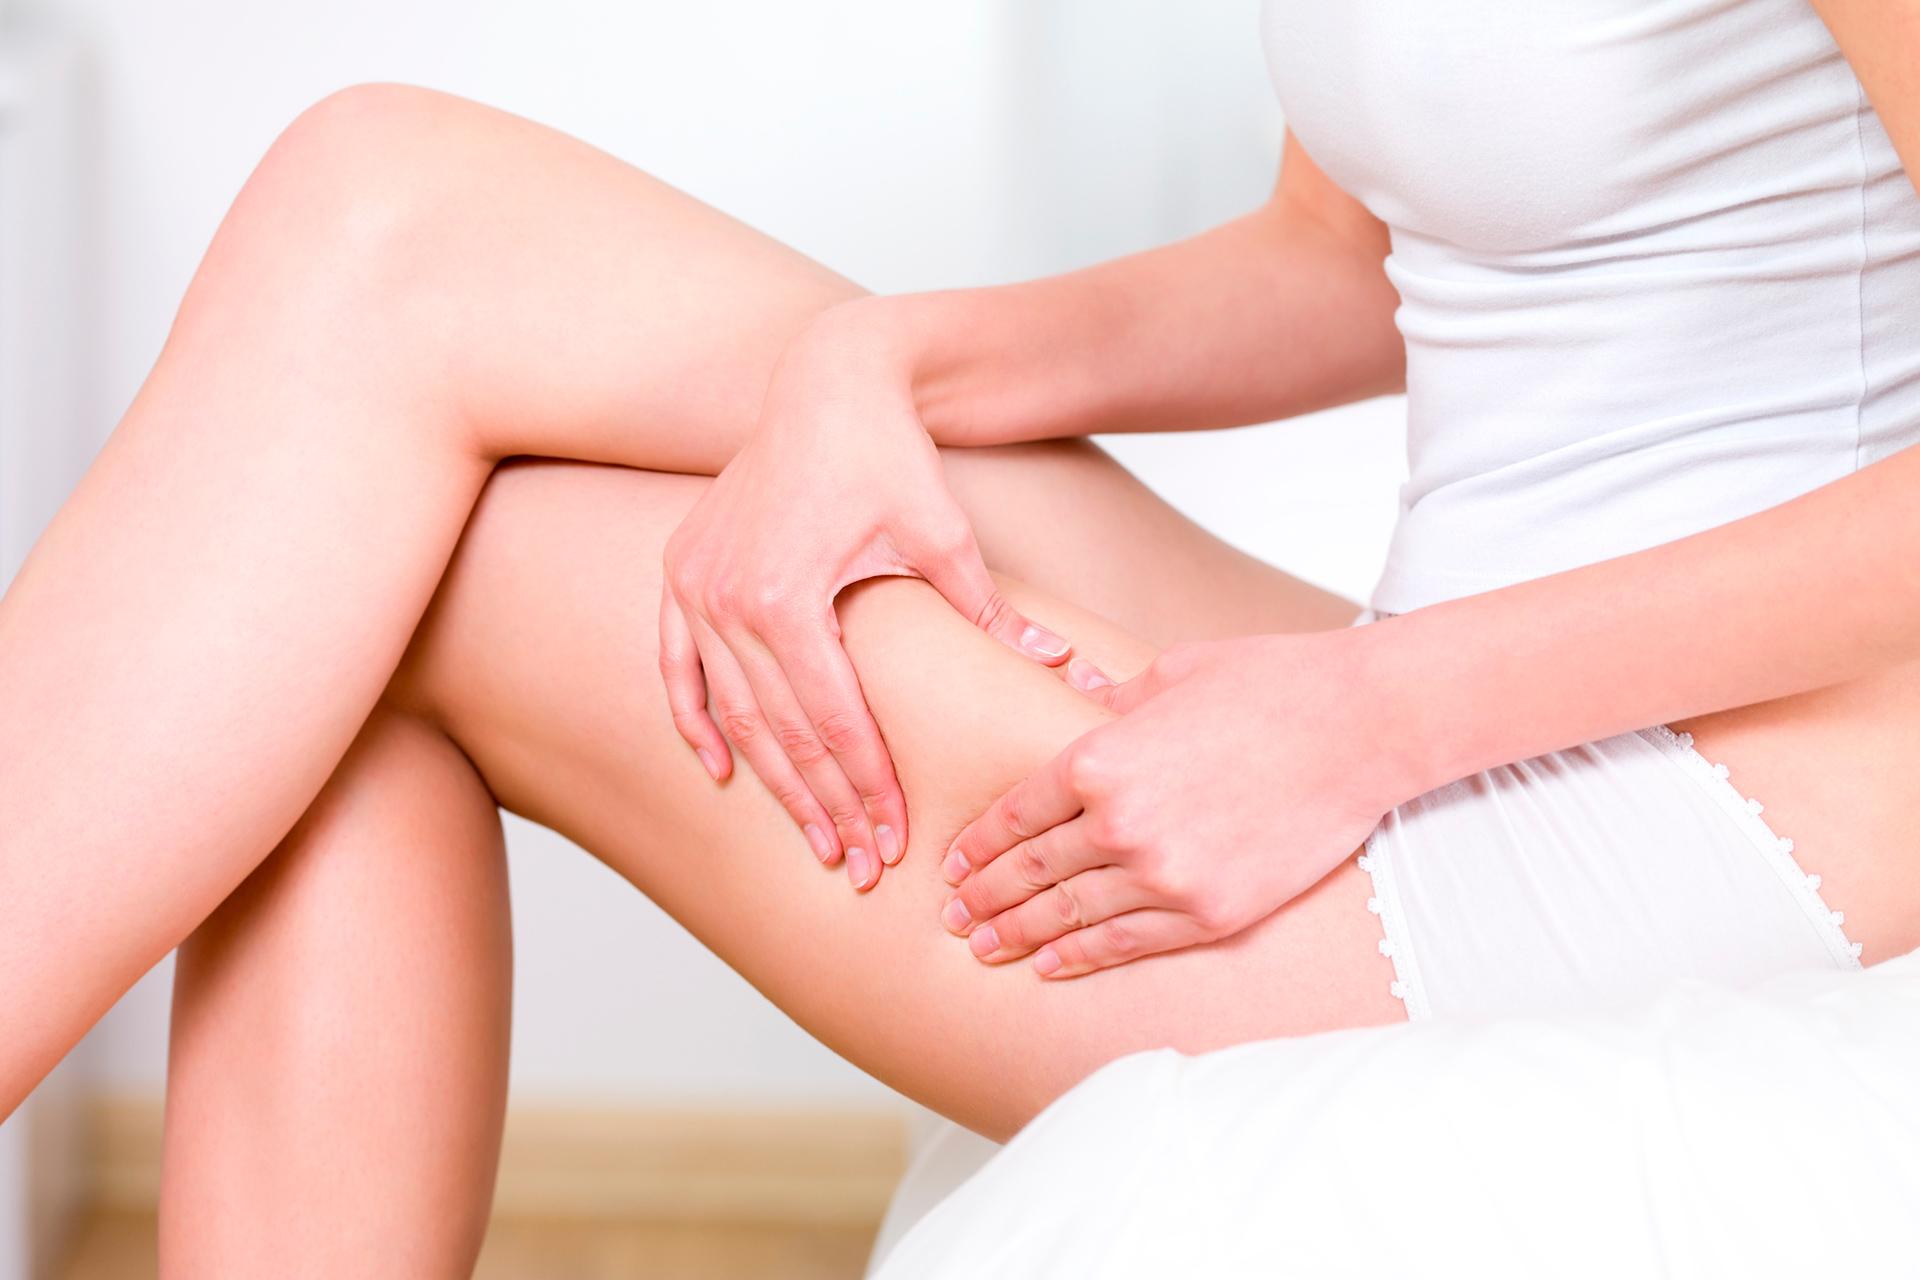 Uklanjanje celulita, mršavljenje i oblikovanje tijela